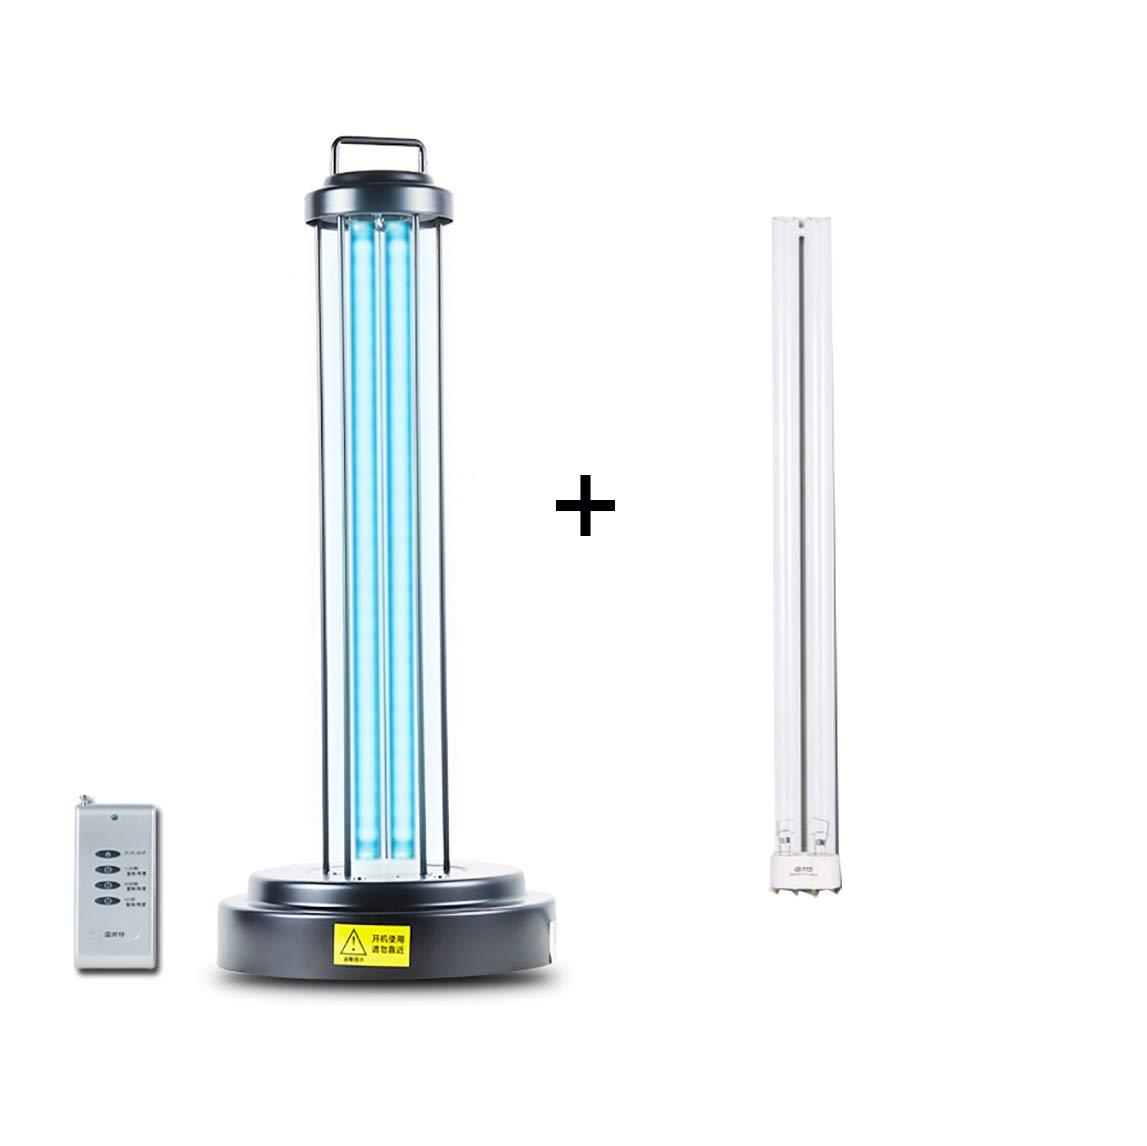 Lampada Sterilizzatrice UV 40 Senza Ozono E Ozono 60w Sterilizzatore Disinfezione Luce Germicida Leggera Pulisce Il Timer Sterilizzatore Aria Lampada E Telecomando Contro